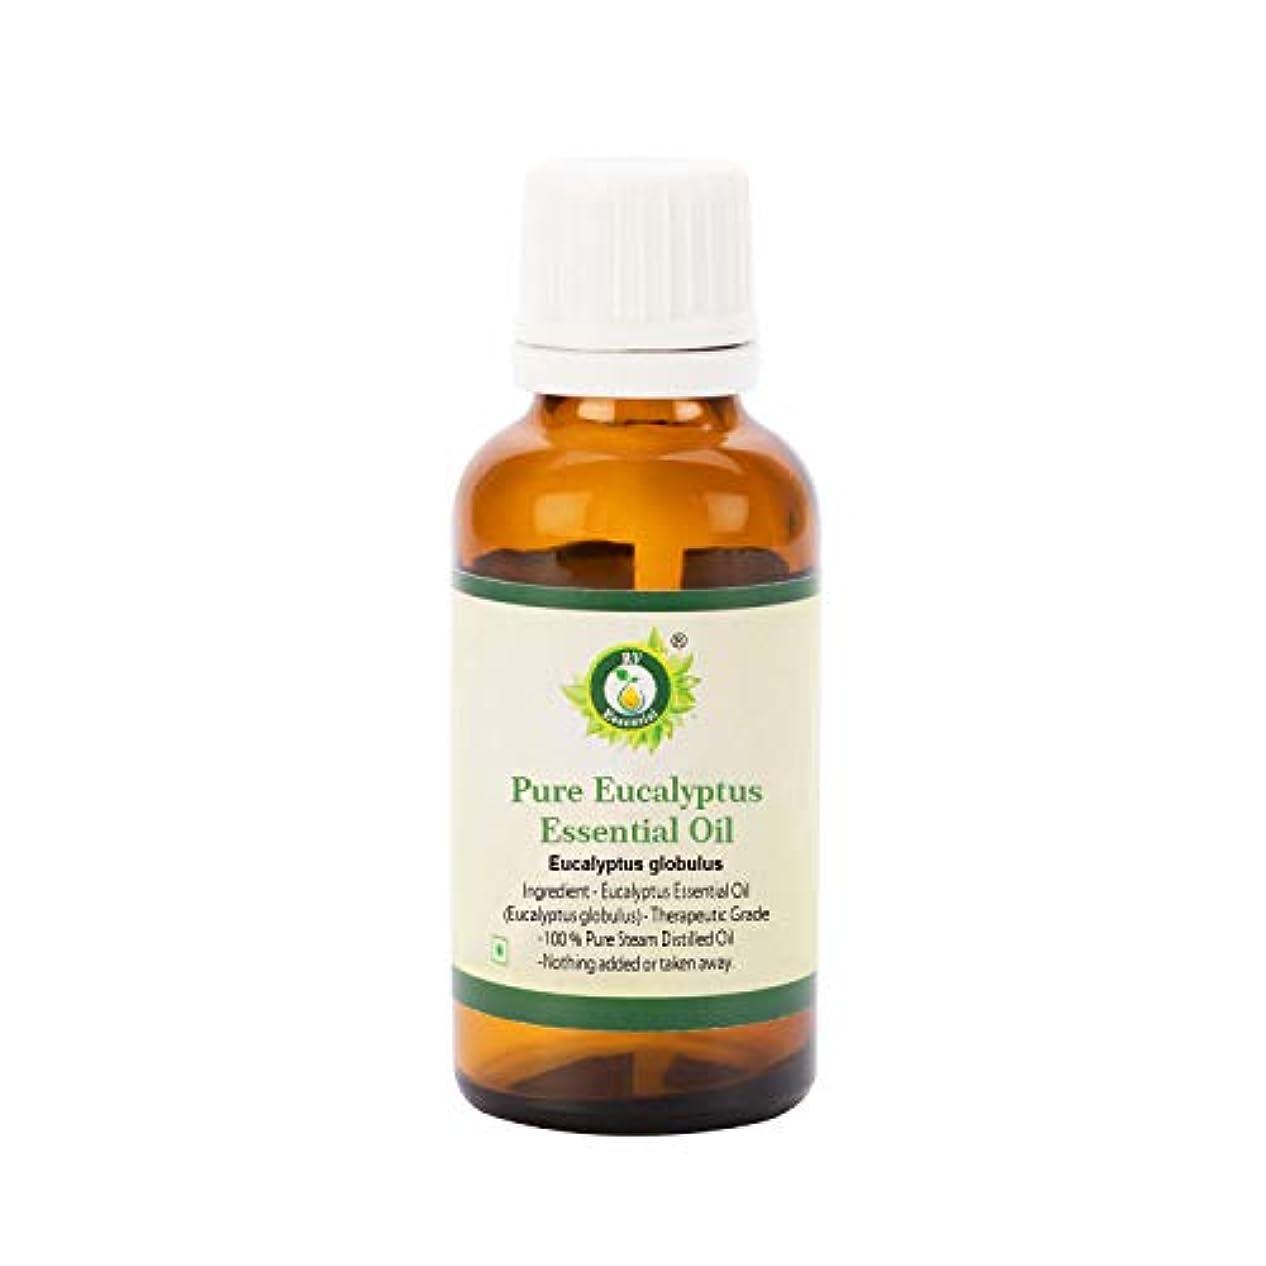 ルーフ取る組み込むR V Essential ピュアユーカリエッセンシャルオイル15ml (0.507oz)- Eucalyptus globulus (100%純粋&天然スチームDistilled) Pure Eucalyptus Essential...